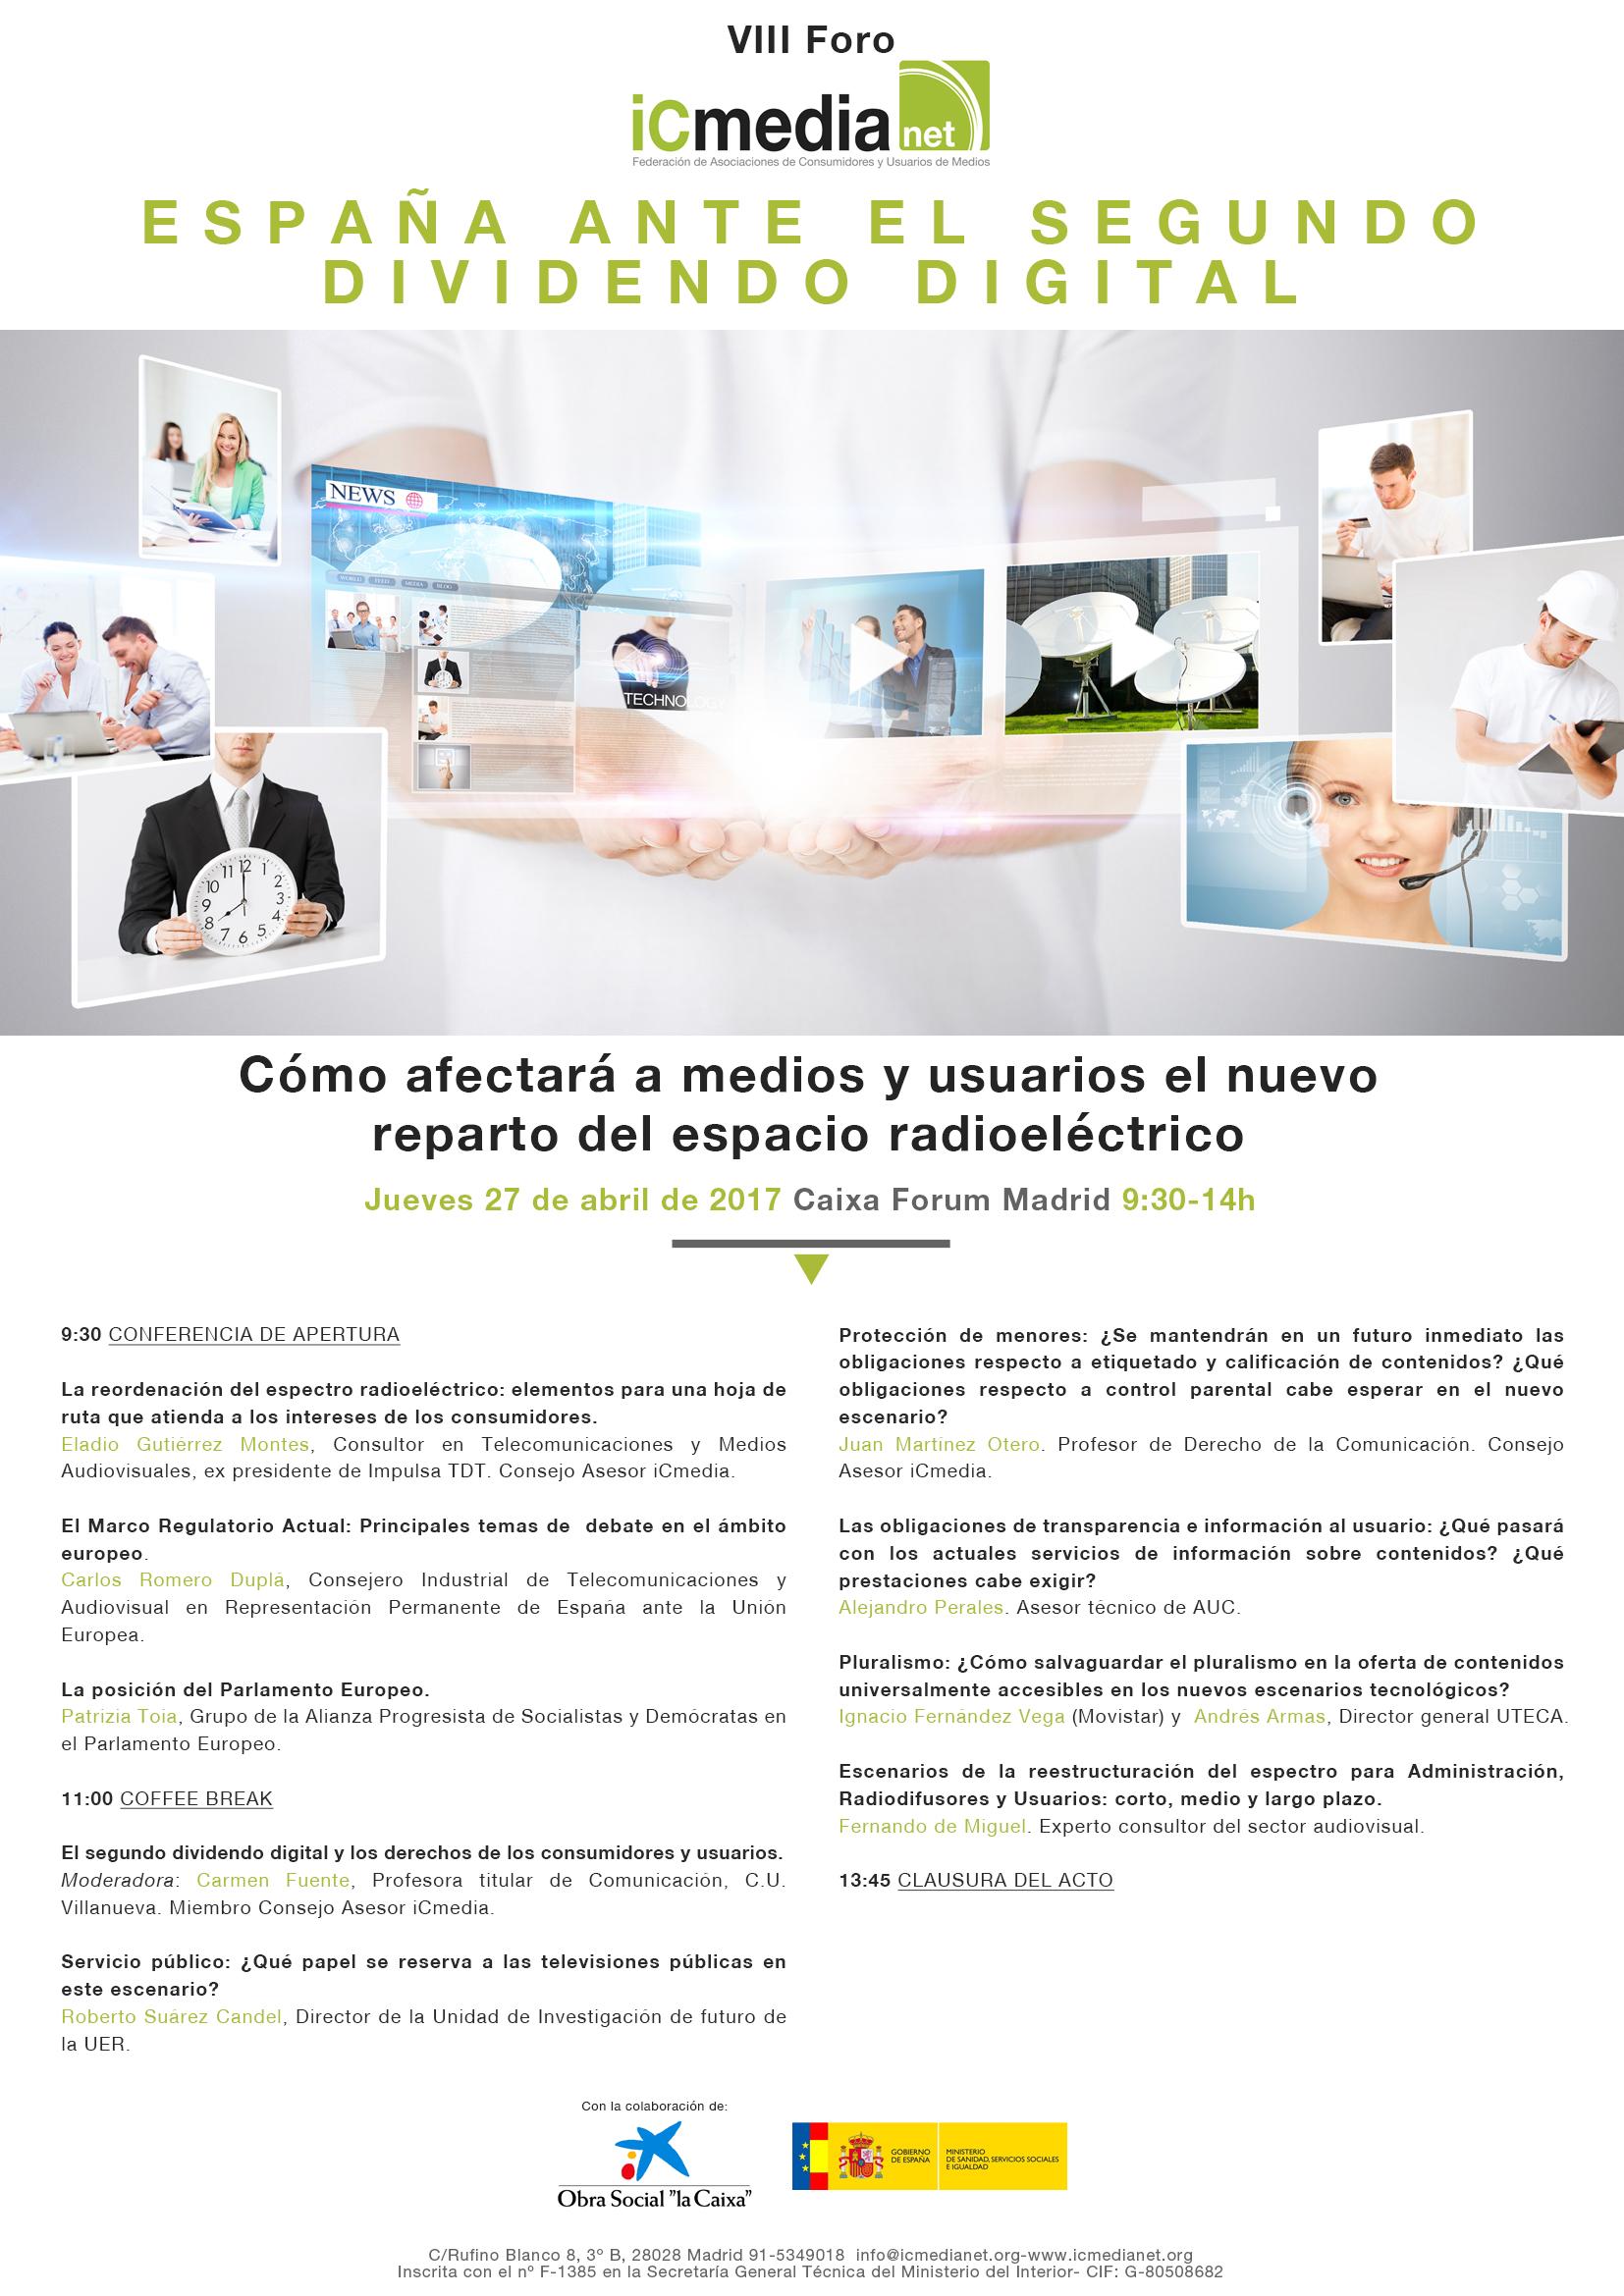 PROGRAMA COMPLETO VIII FORO iCmedia_corrección Pablo (2)